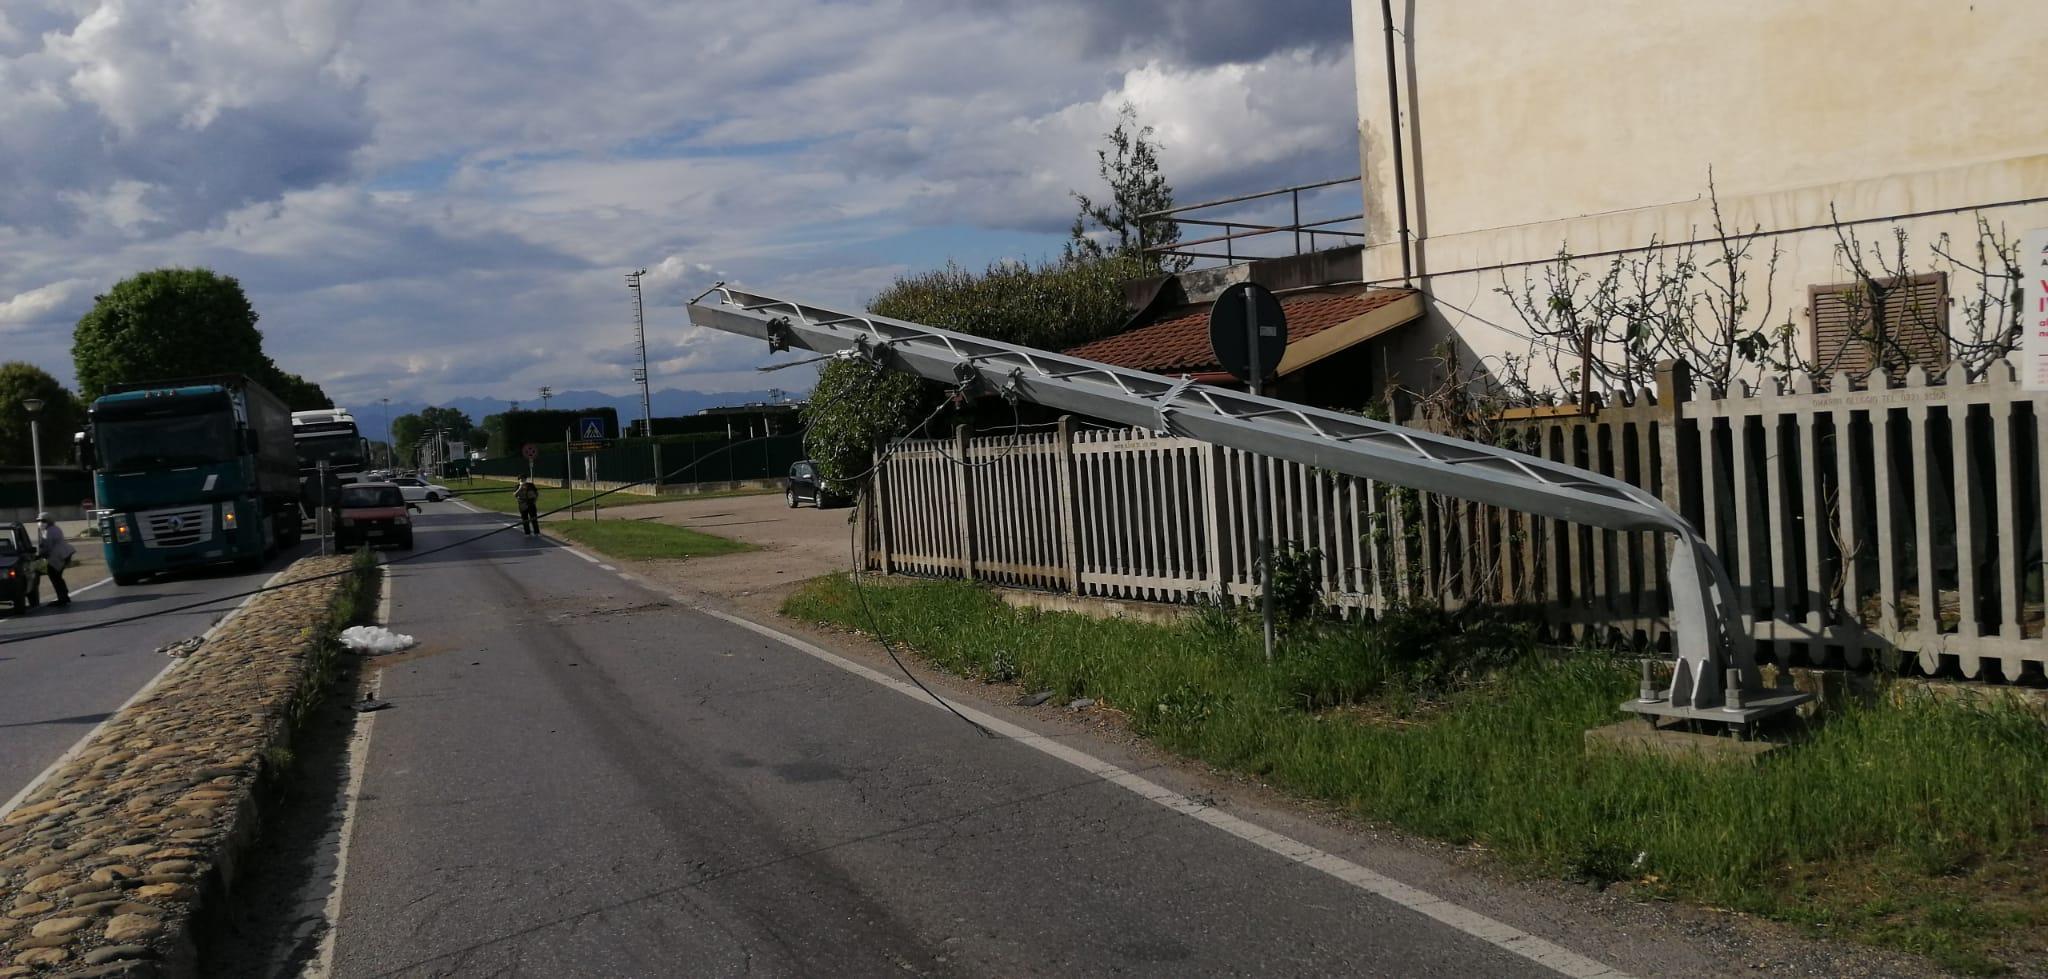 VINOVO – Camion abbatte un traliccio dell'alta tensione della ferrovia: traffico in tilt